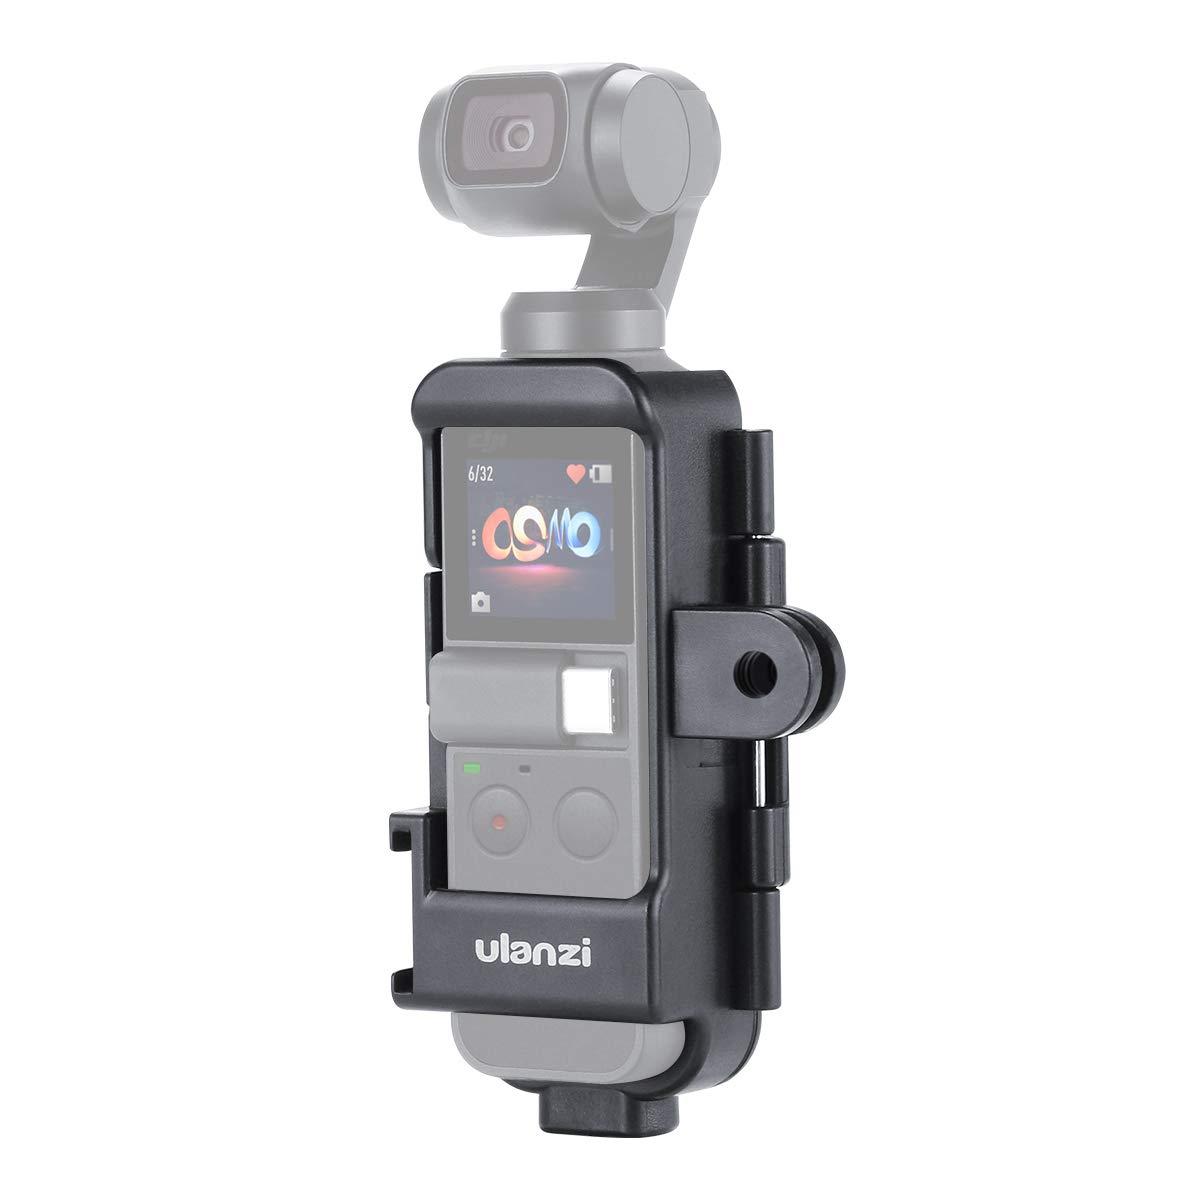 OP-7 OSMO Pocket Vlog Caja de Carcasa Extendida Acci/ón Tr/ípode w Soporte de Zapata Fr/ía Compatible para dji Osmo Pocket Caja de Soporte Multifuncional con Micr/ófono 3 Interfaz Gopro 1//4